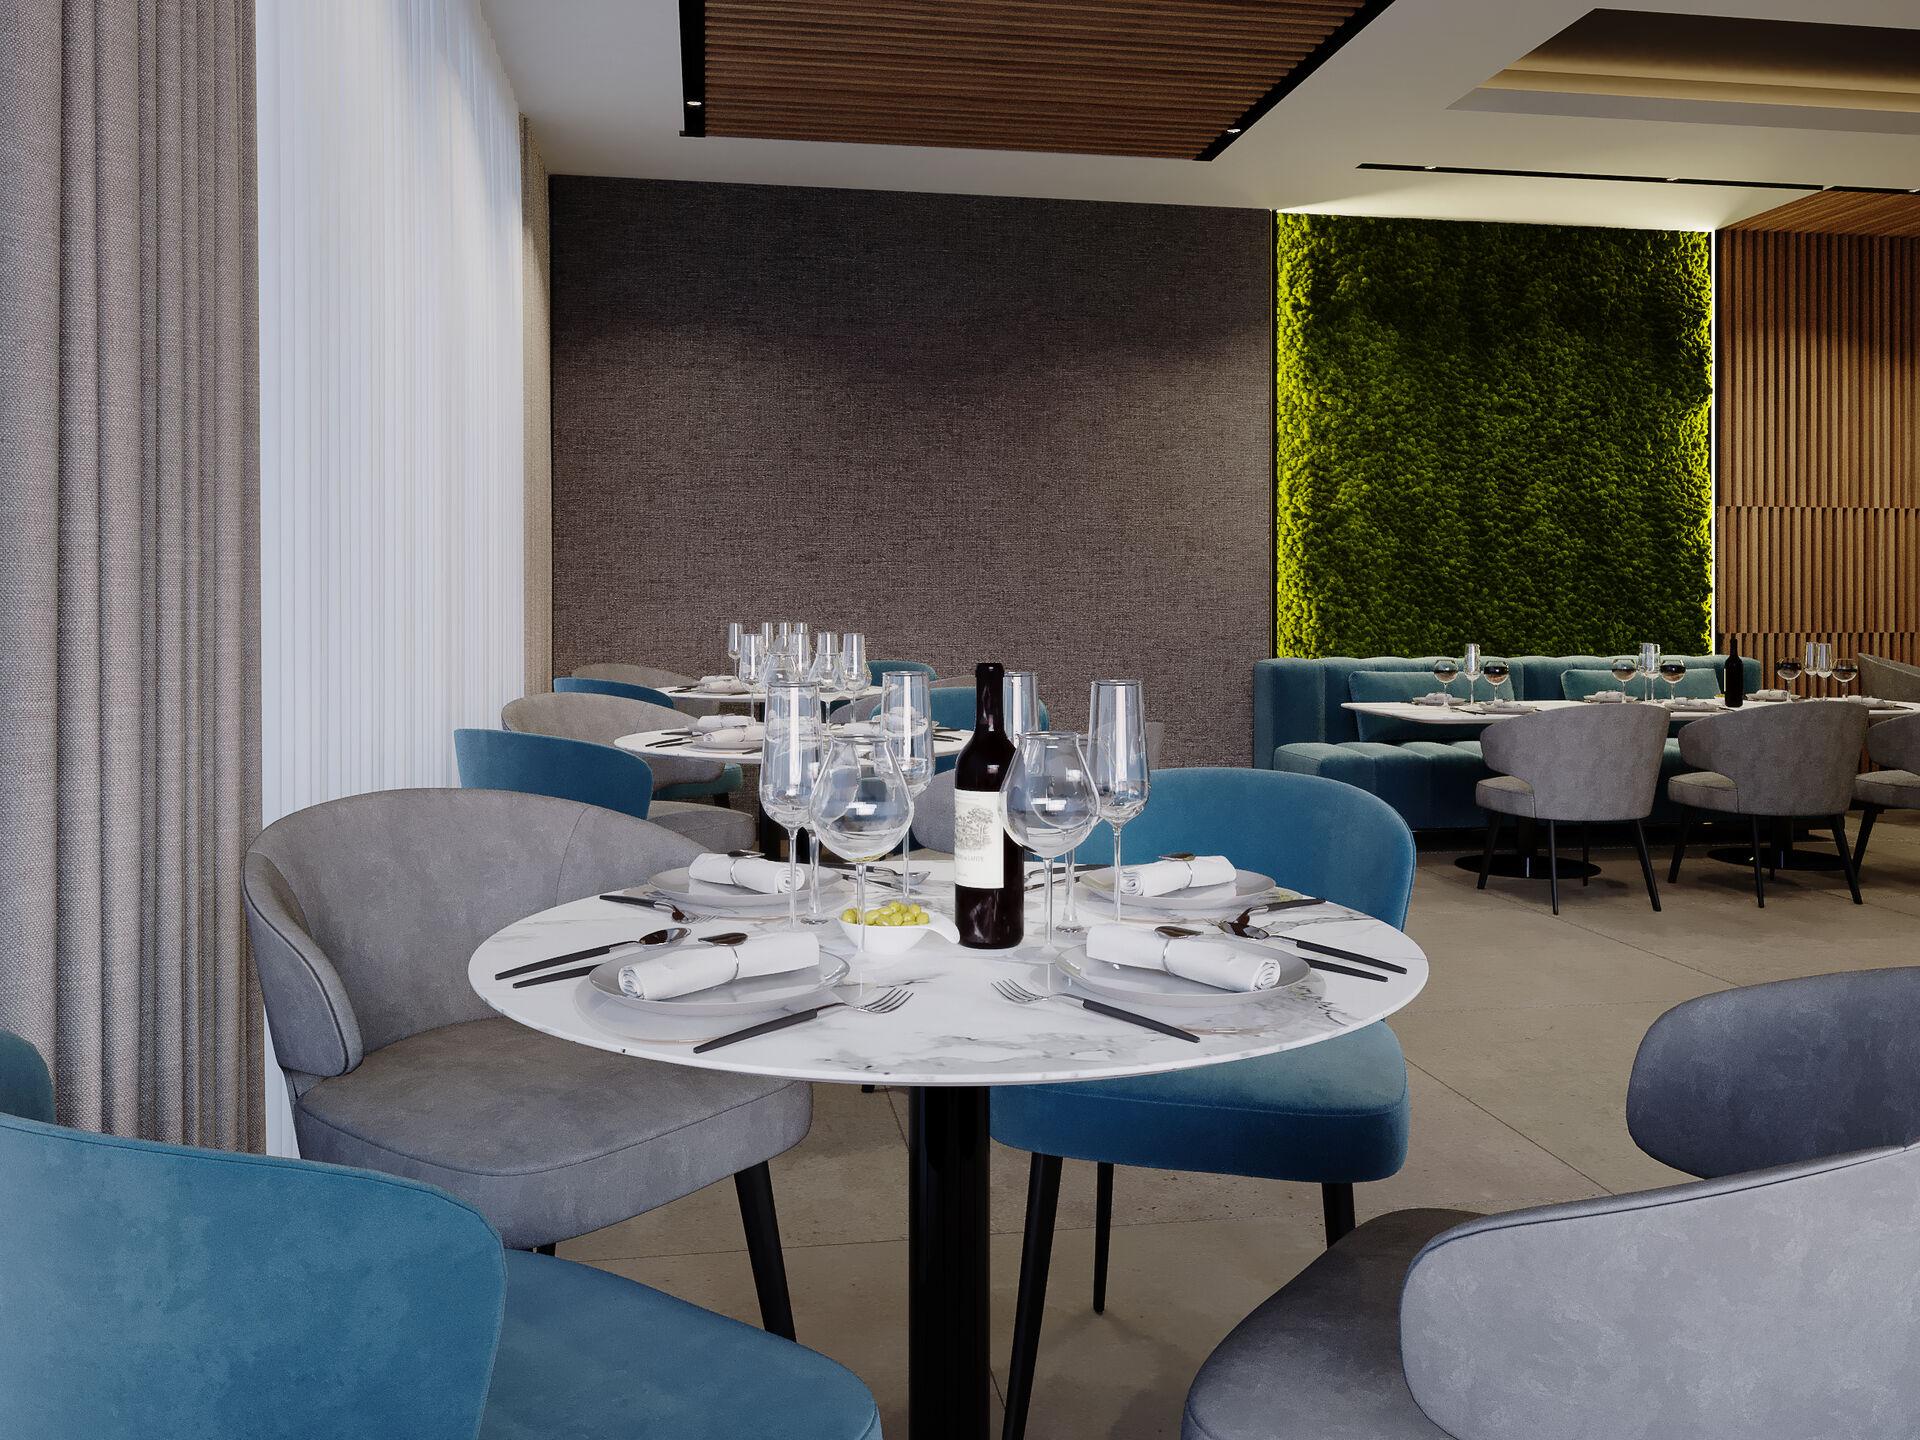 https://cms.satur.sk/data/imgs/tour_image/orig/restaurant_hotel-noemia-2-1949986.jpg